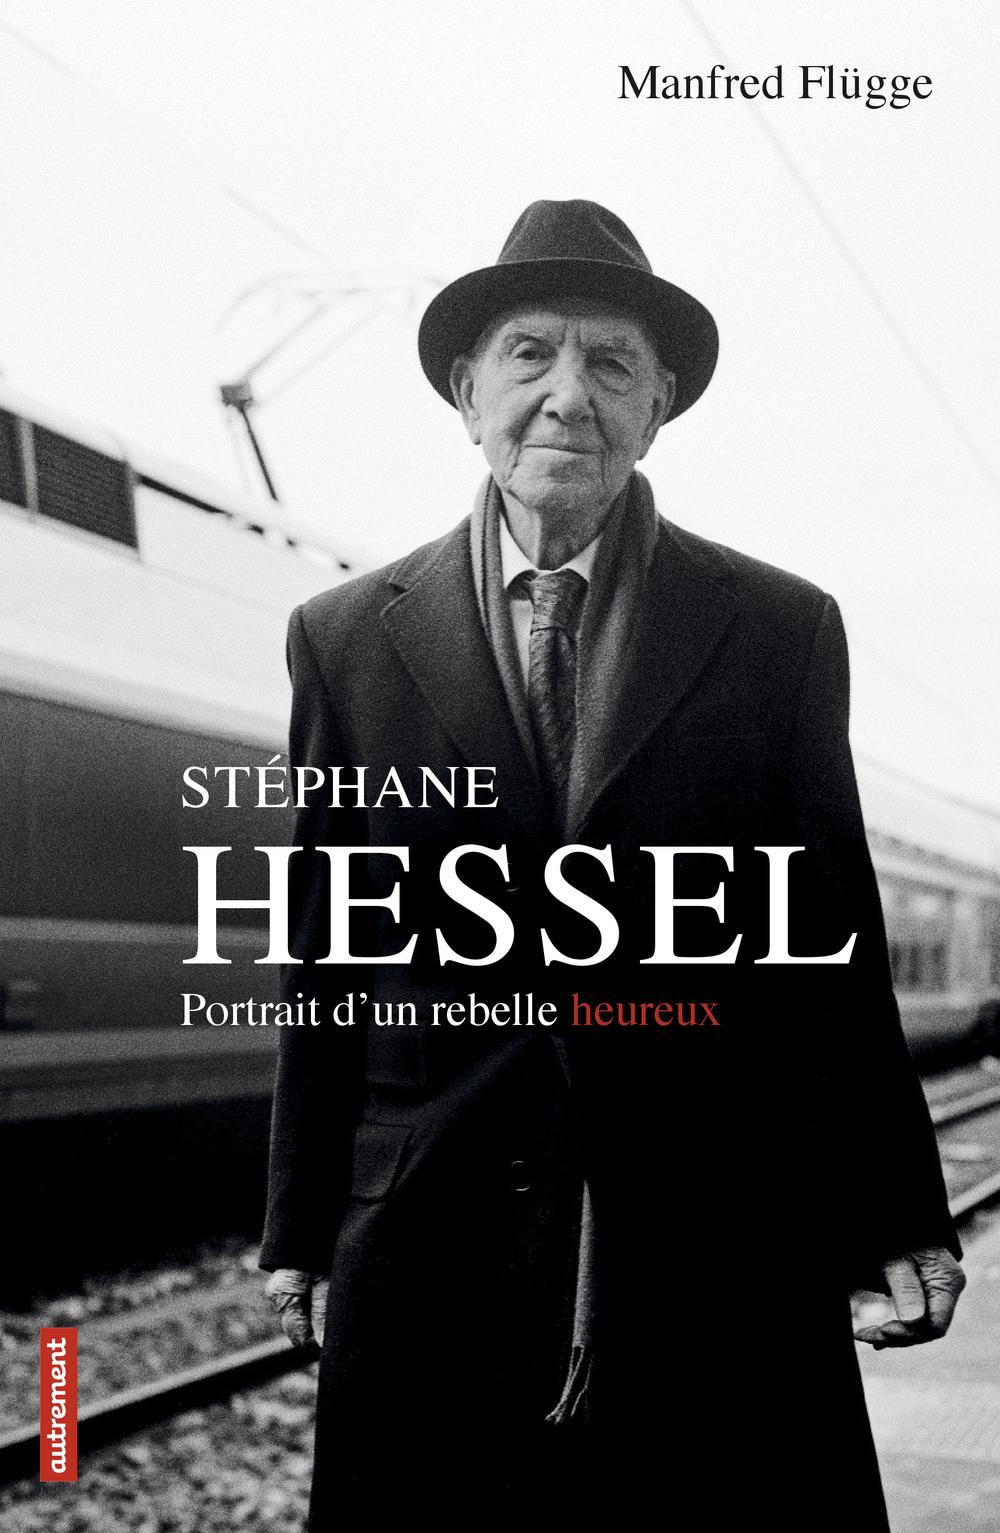 Stéphane Hessel, PORTRAIT D'UN REBELLE HEUREUX